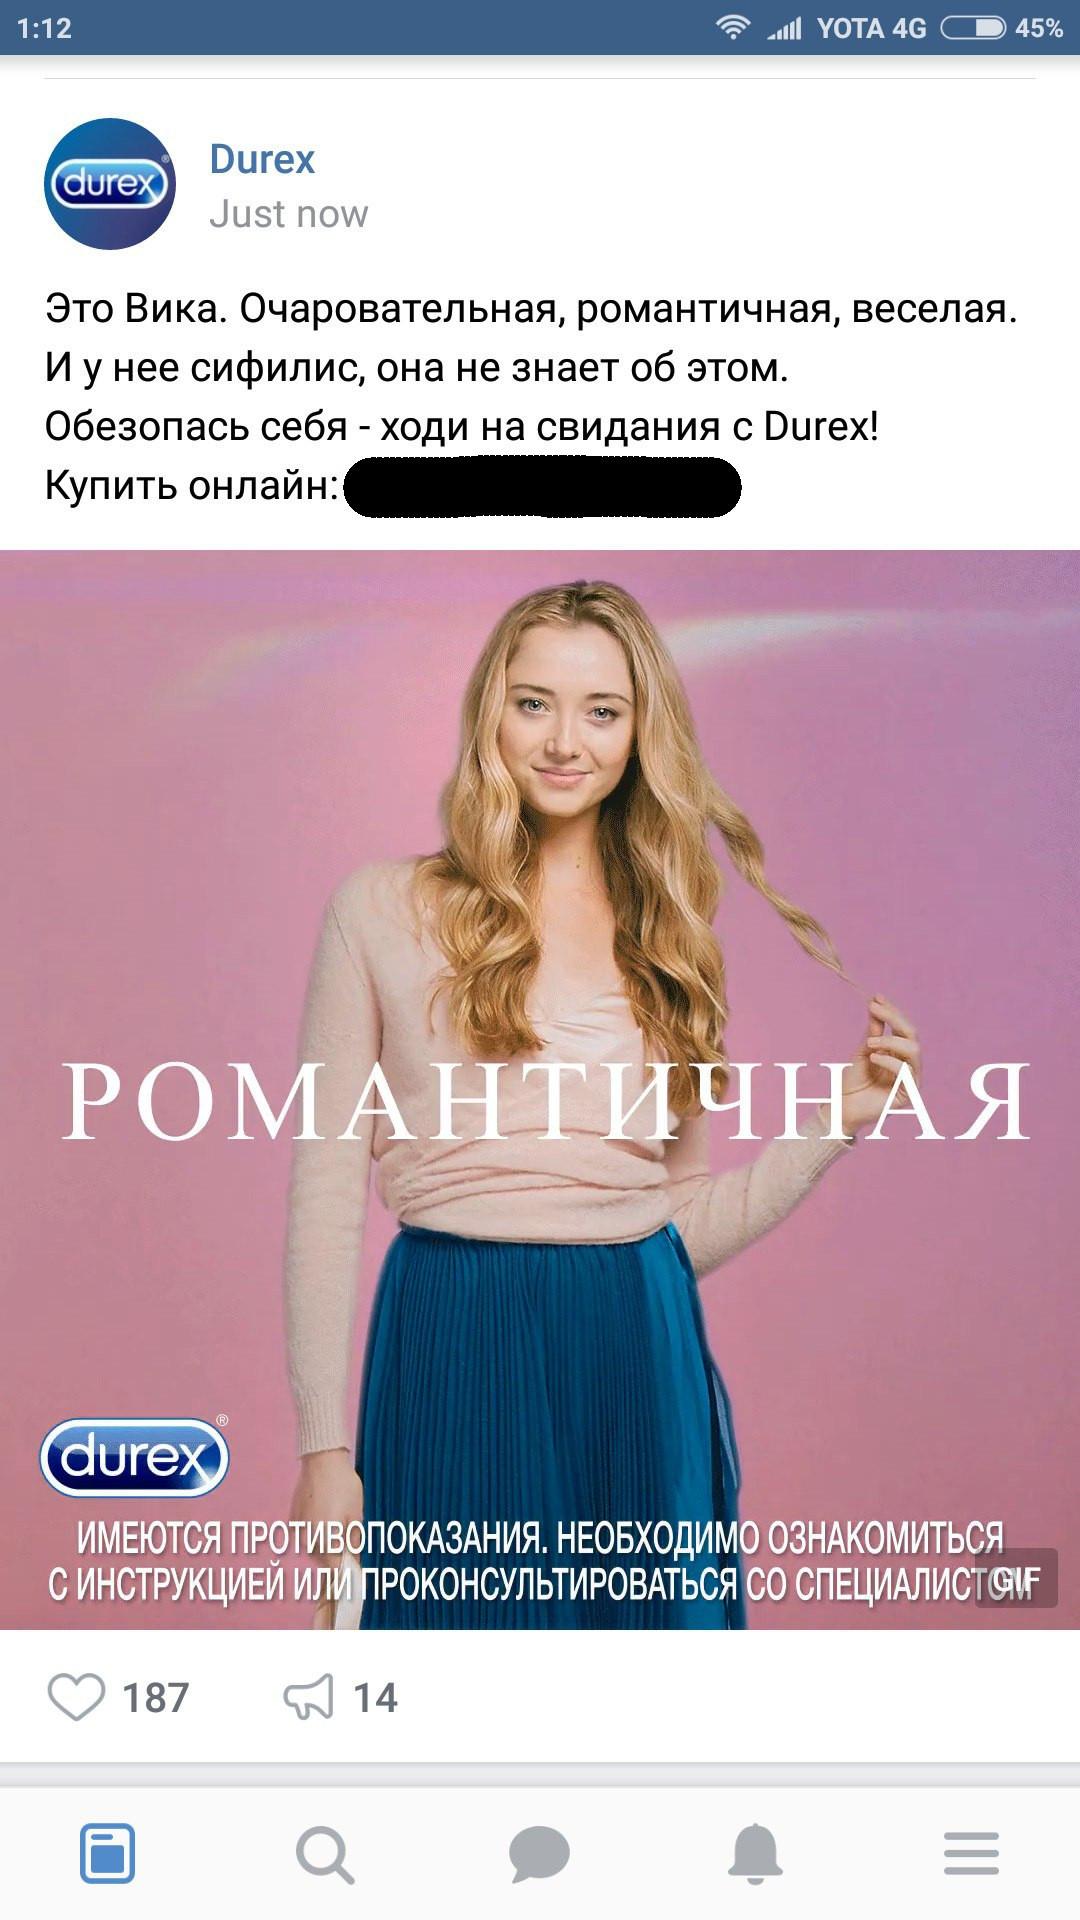 Соня реклама презервативов дюрекс